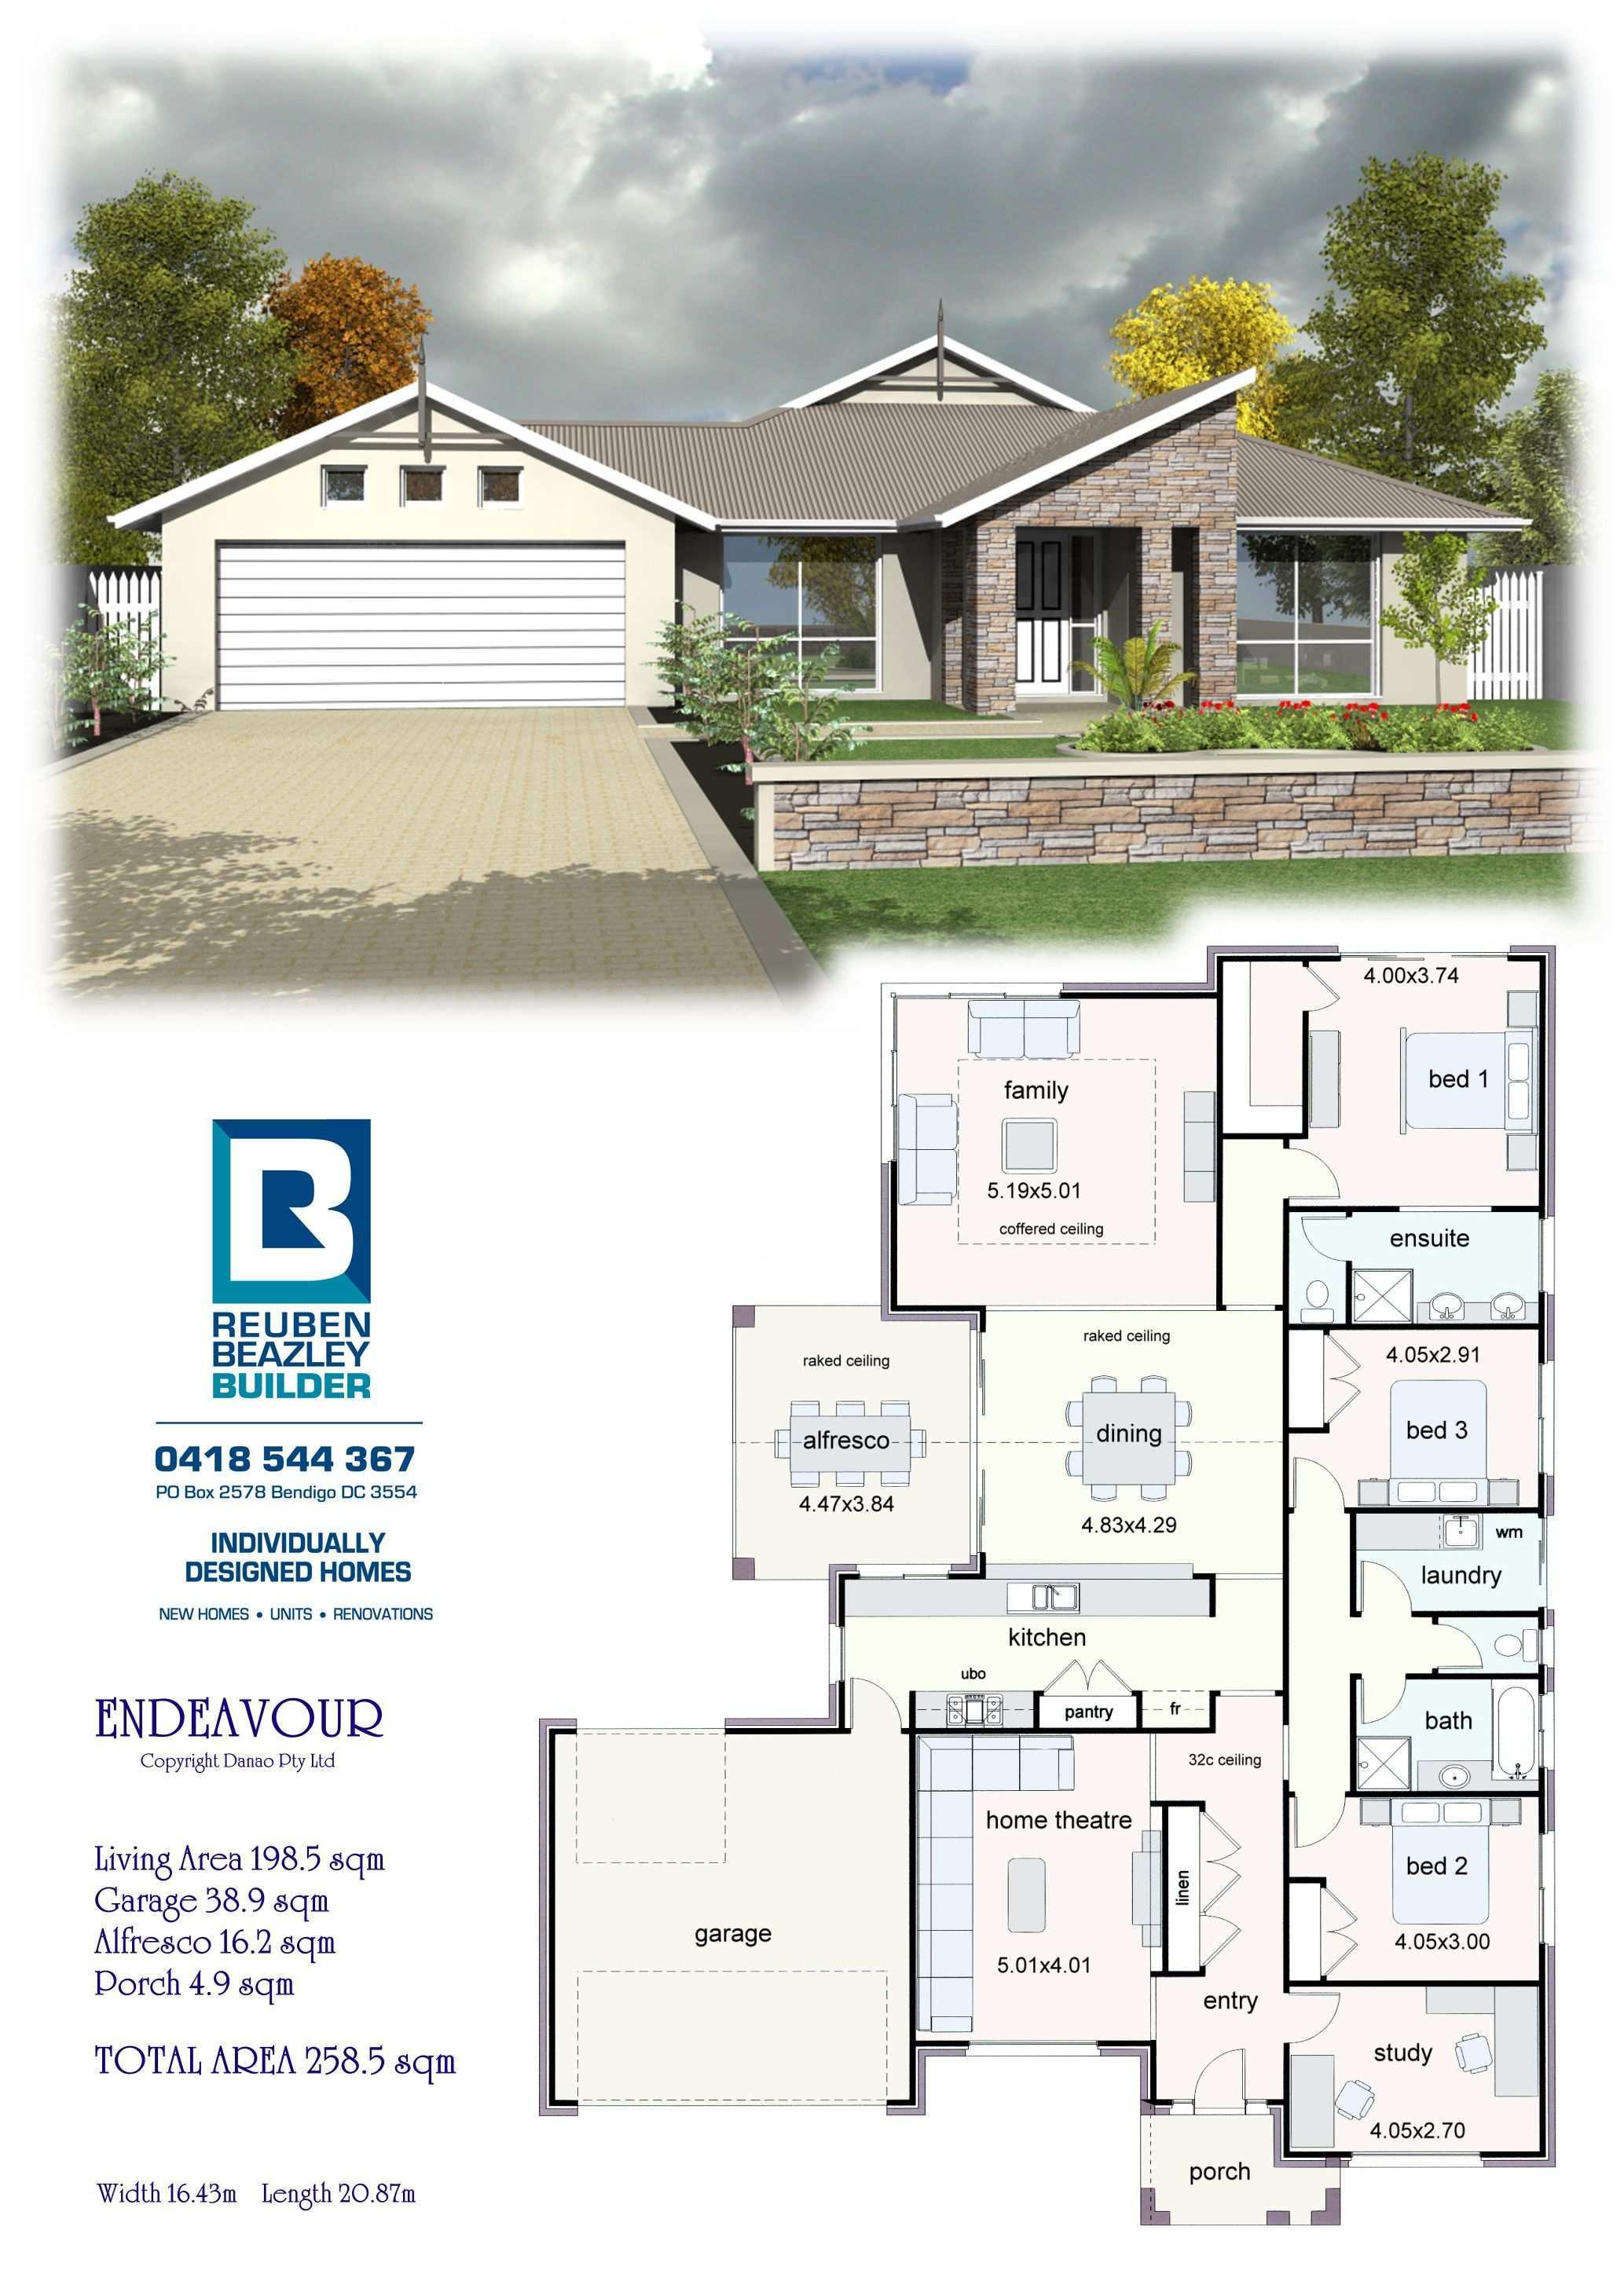 The Endeavour New House Plans Dream House Plans House Blueprints